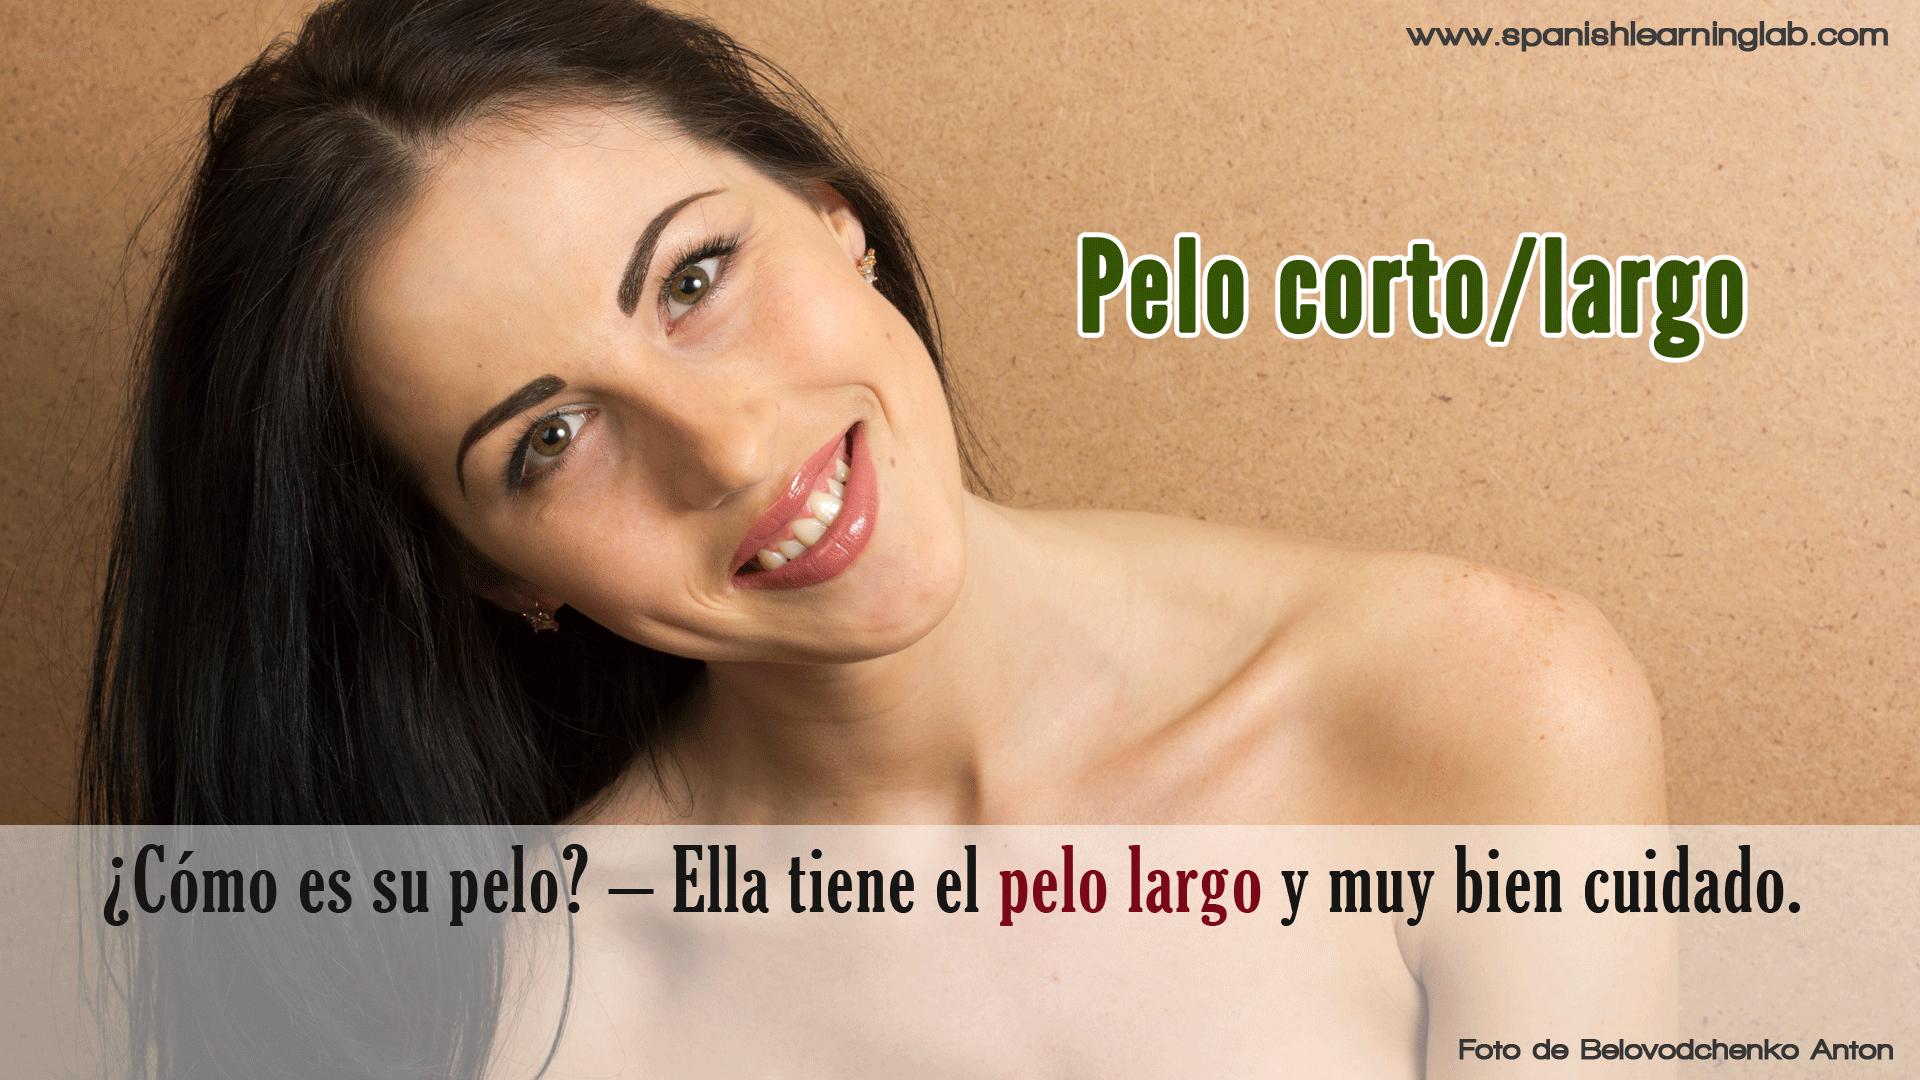 pelo largo Español mamada